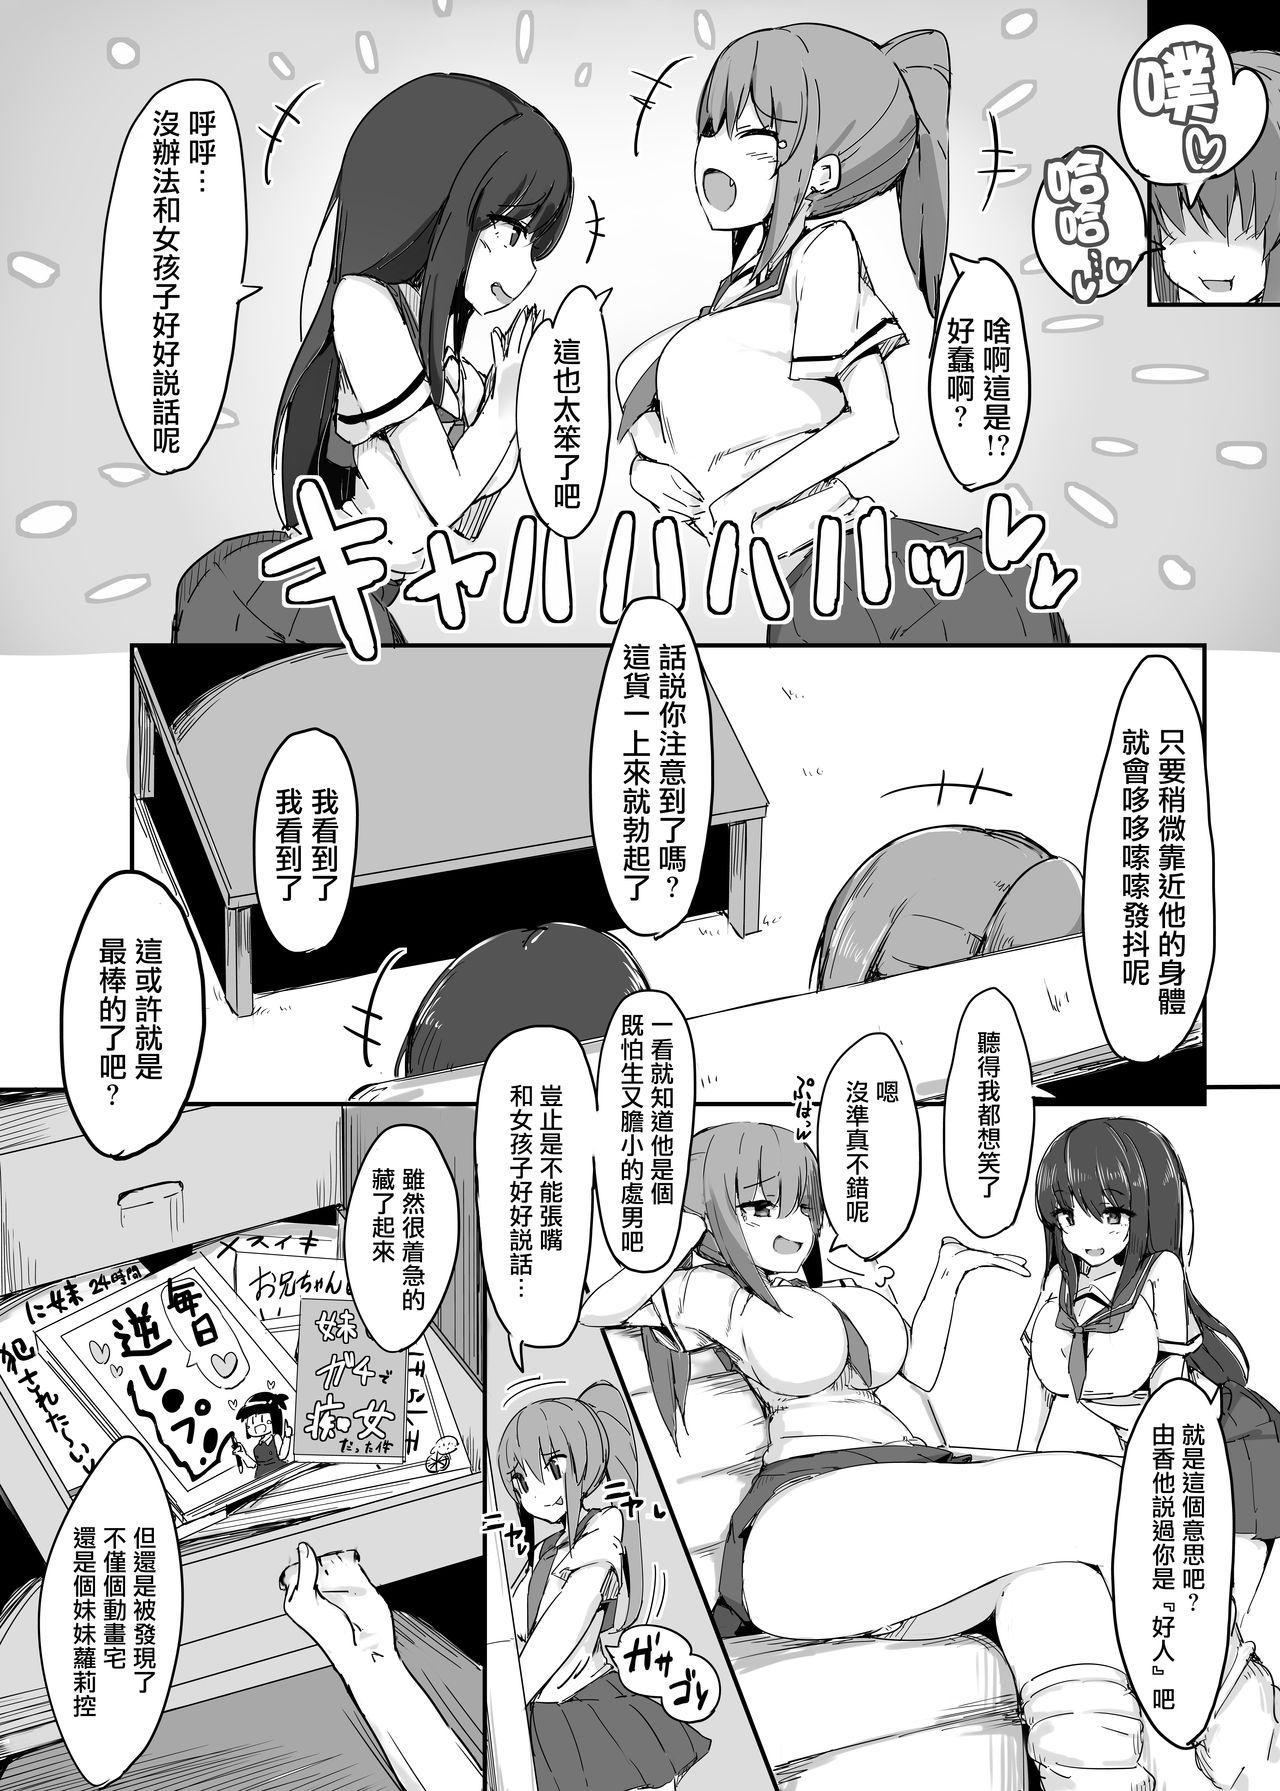 Hajimete no mitsugimazo ke choukyou- 11